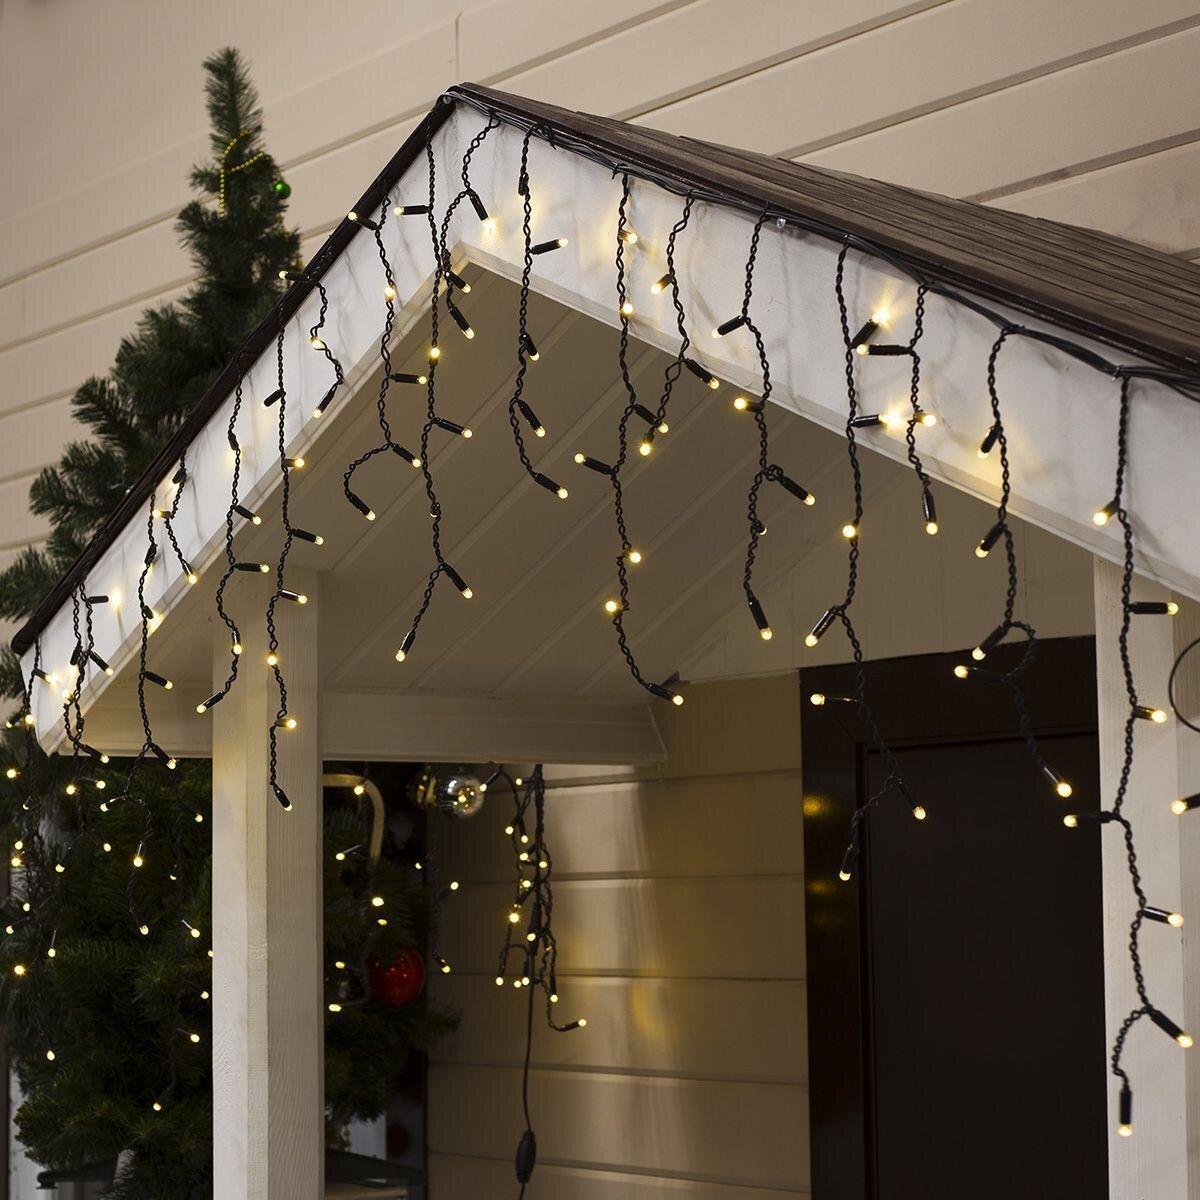 """Світлодіодна гірлянда вулична """"Бахрома"""" LedGO, 3 х 0,6 м, 120 LED Premium, чорний кабель, теплий білий"""